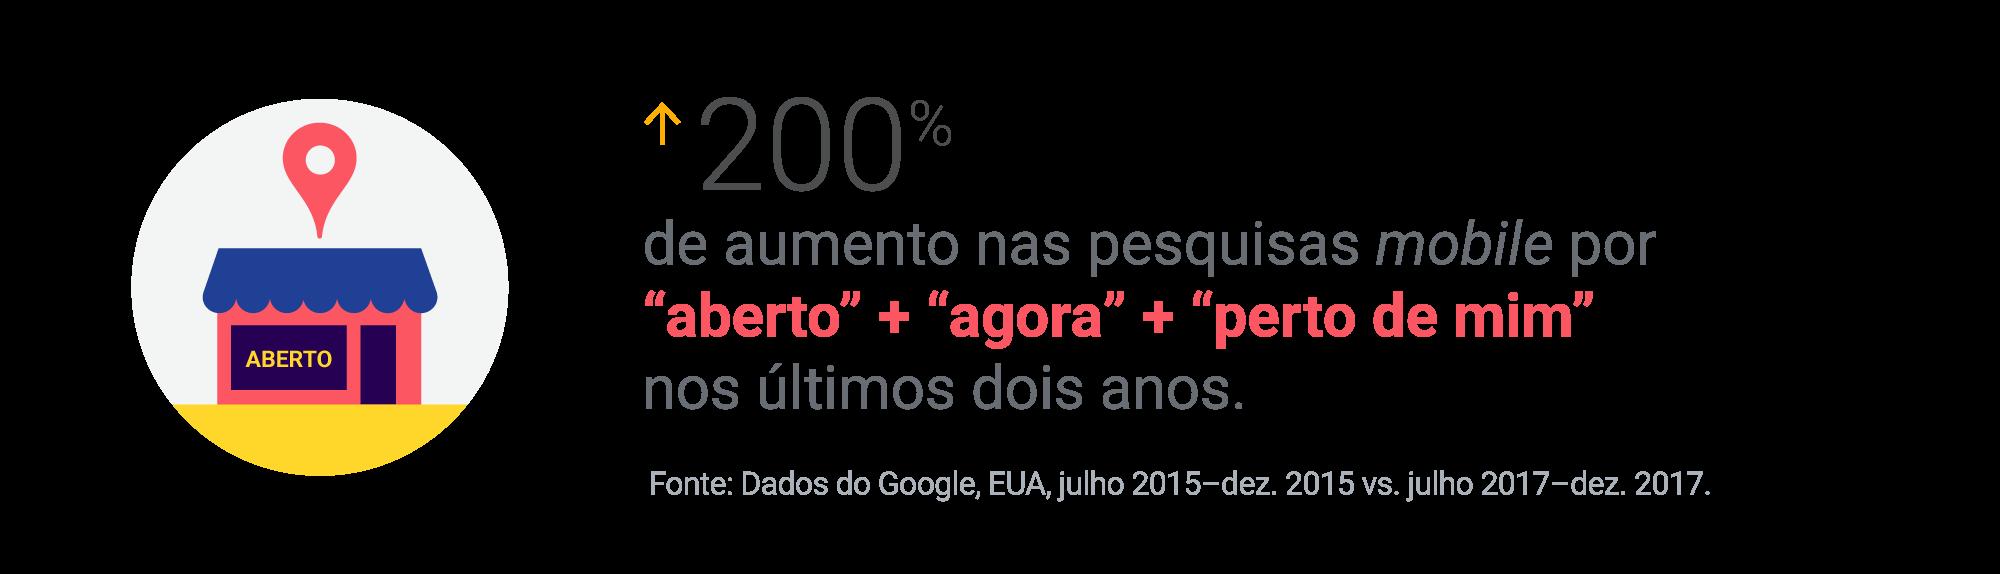 200% de aumento nas pesquisas mobile por 'aberto' + 'agora' + 'perto de mim' nos últimos dois anos